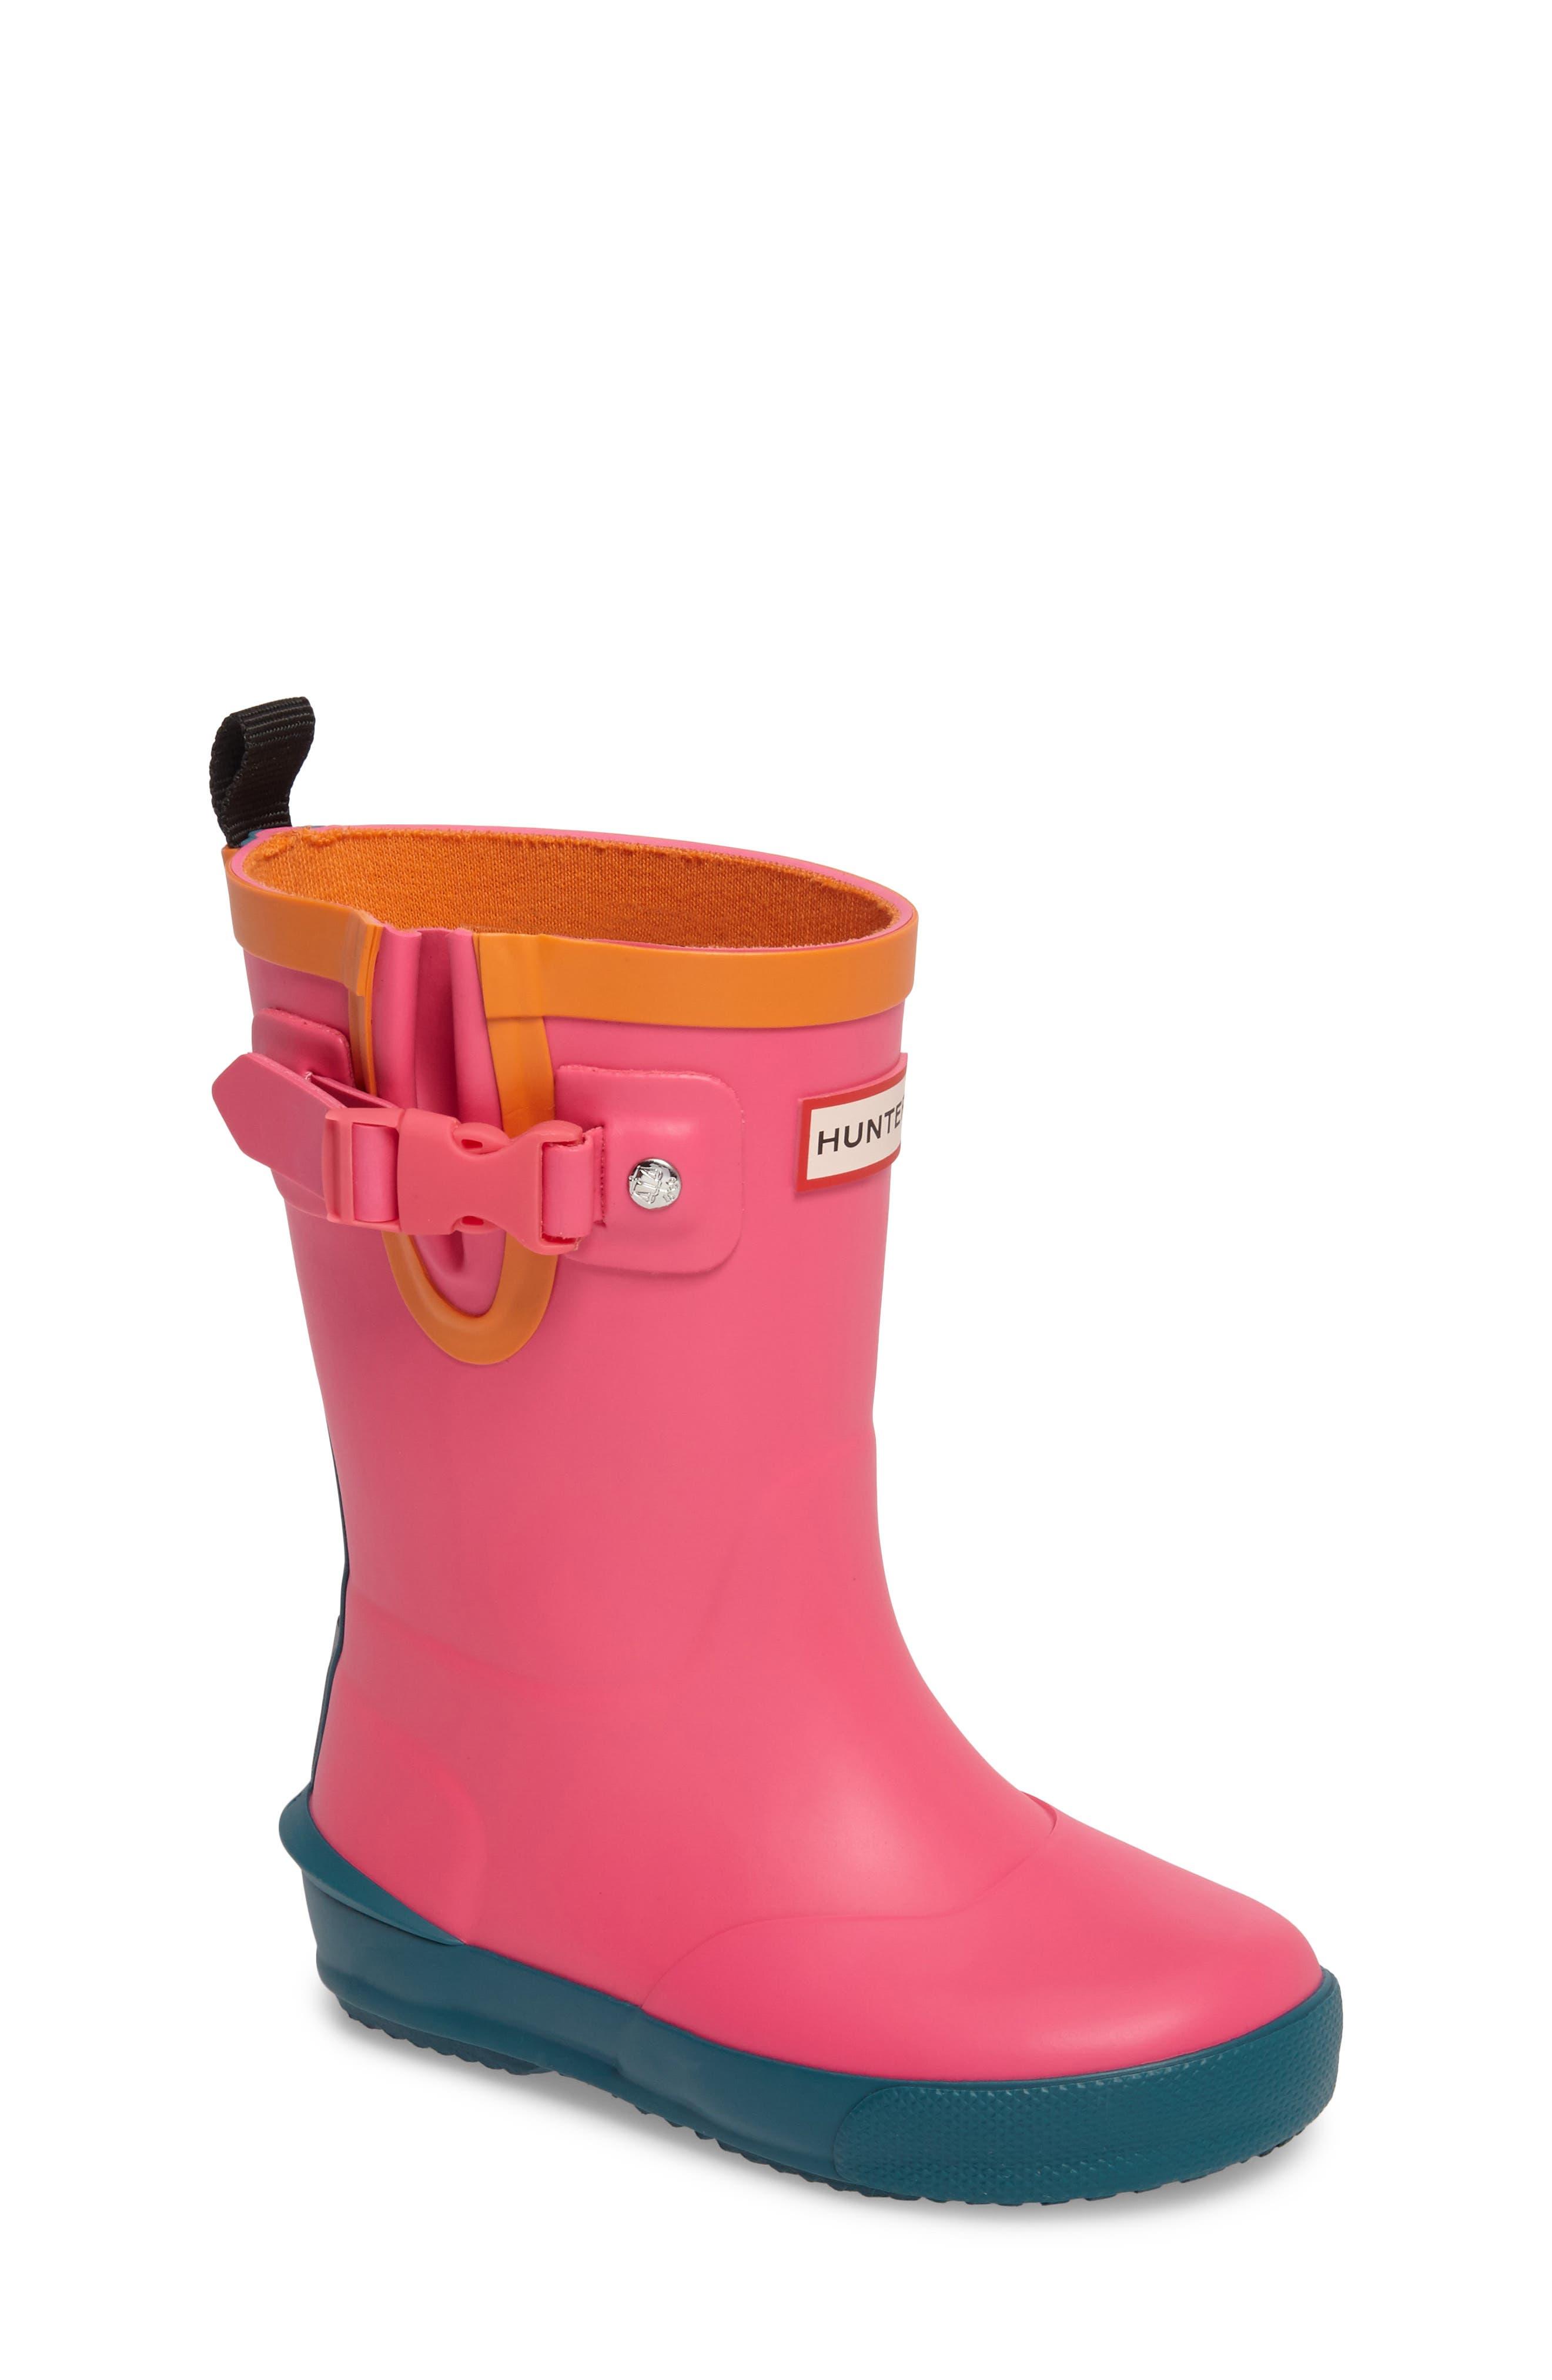 Main Image - Hunter 'Davison' Rain Boot (Toddler)